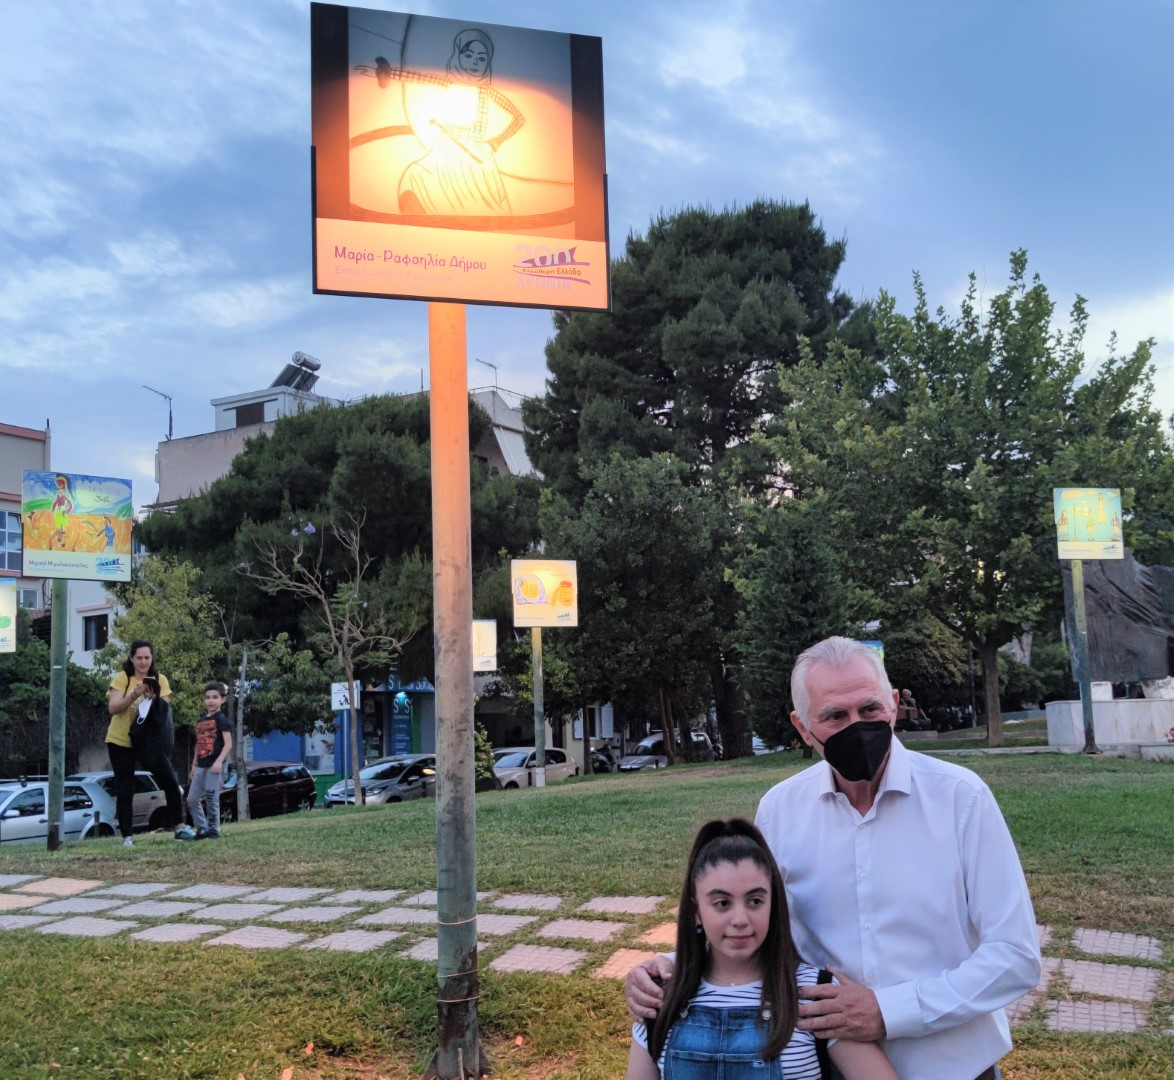 «200 χρόνια ελεύθερη Ελλάδα»: Τα έργα των μικρών ζωγράφων που φωτίζουν και ομορφαίνουν το Περιστέρι